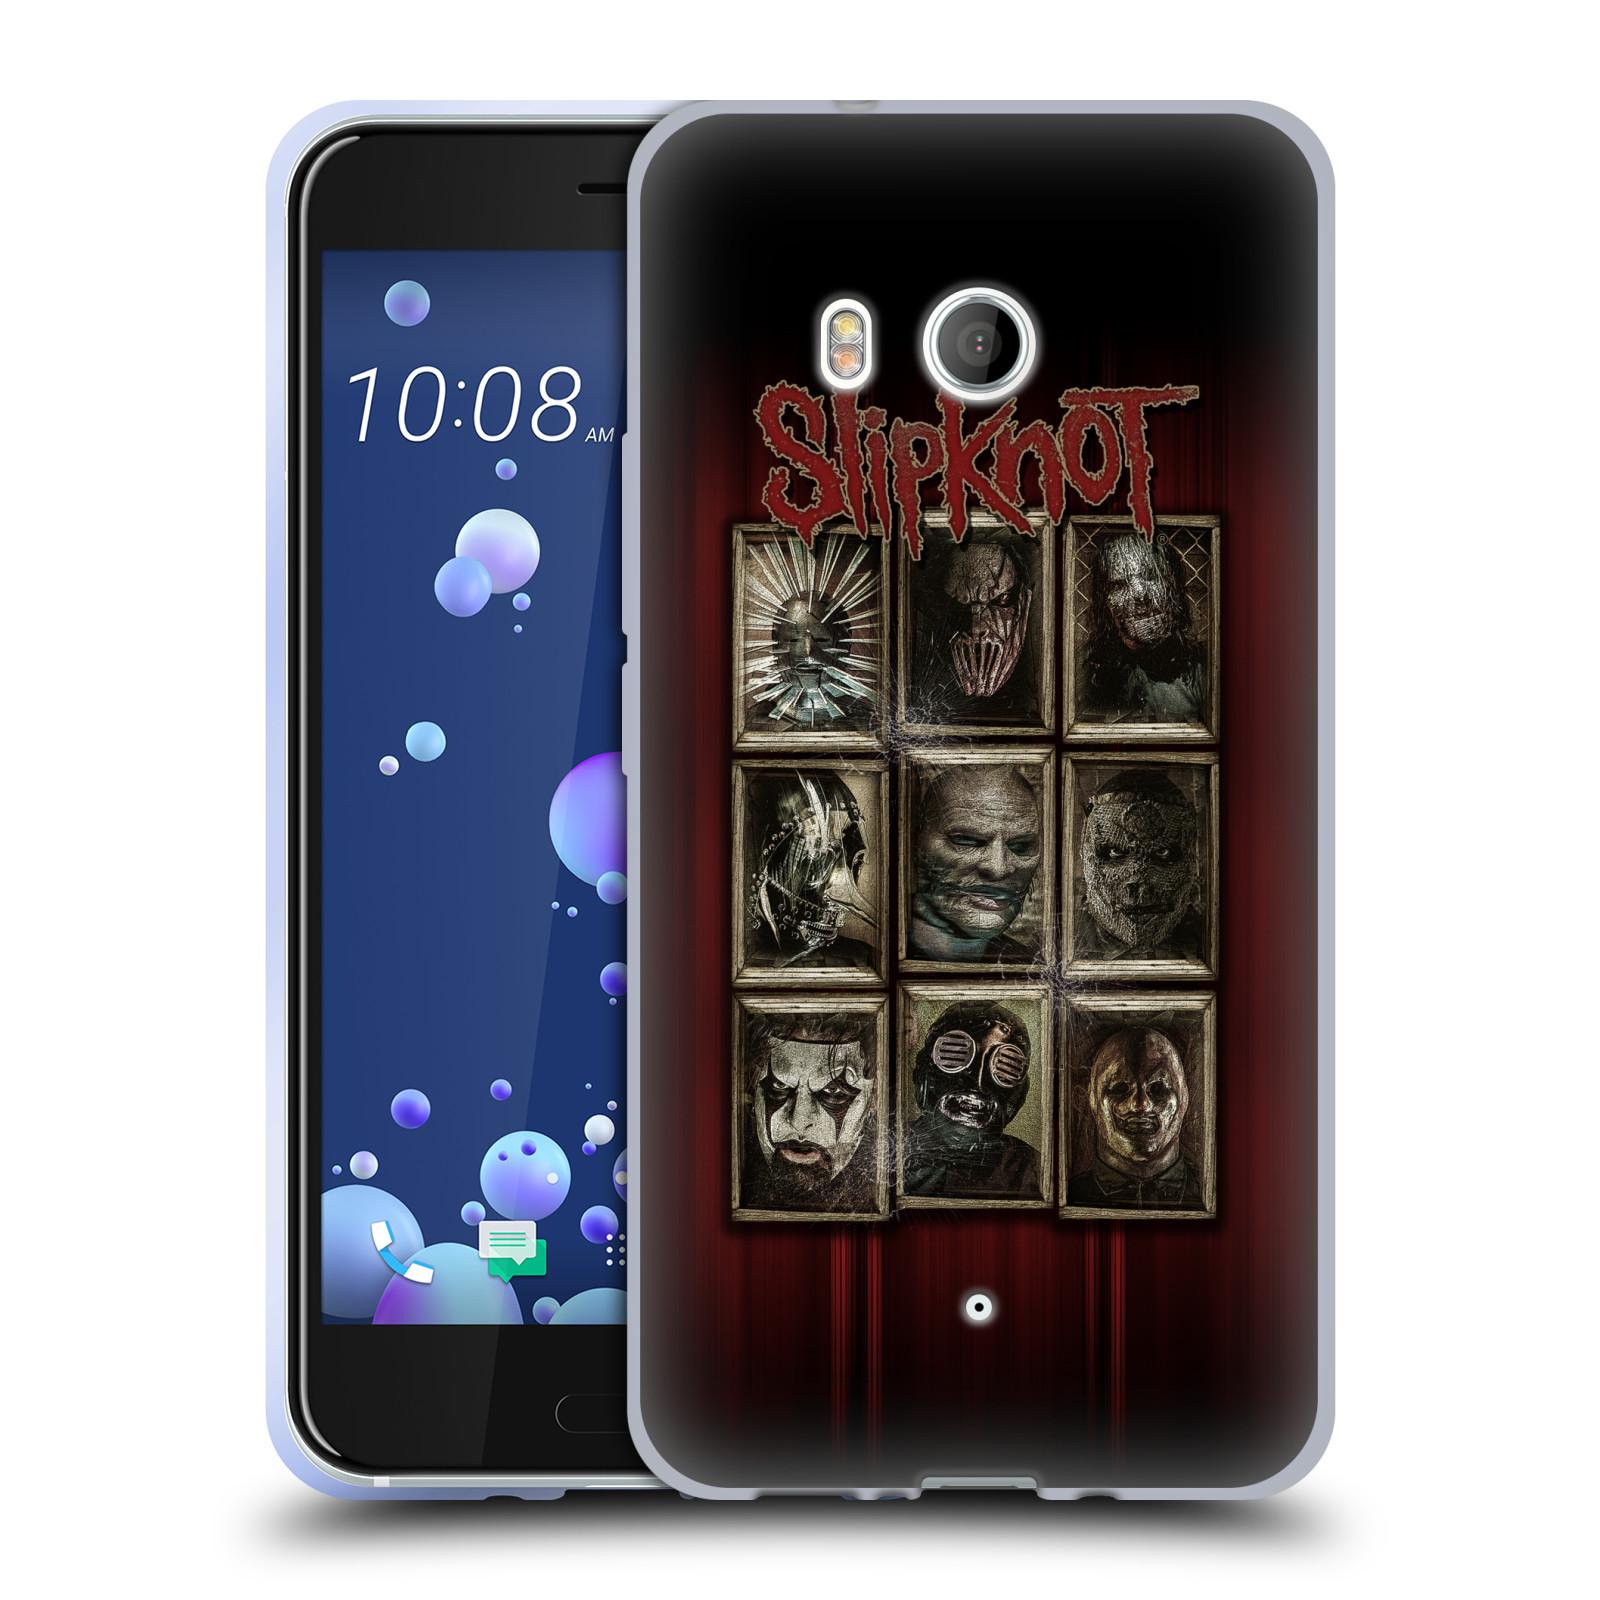 Silikonové pouzdro na mobil HTC U11 - Head Case - Slipknot - Masky (Silikonový kryt či obal na mobilní telefon HTC U11 s motivem Slipknot - Masky)